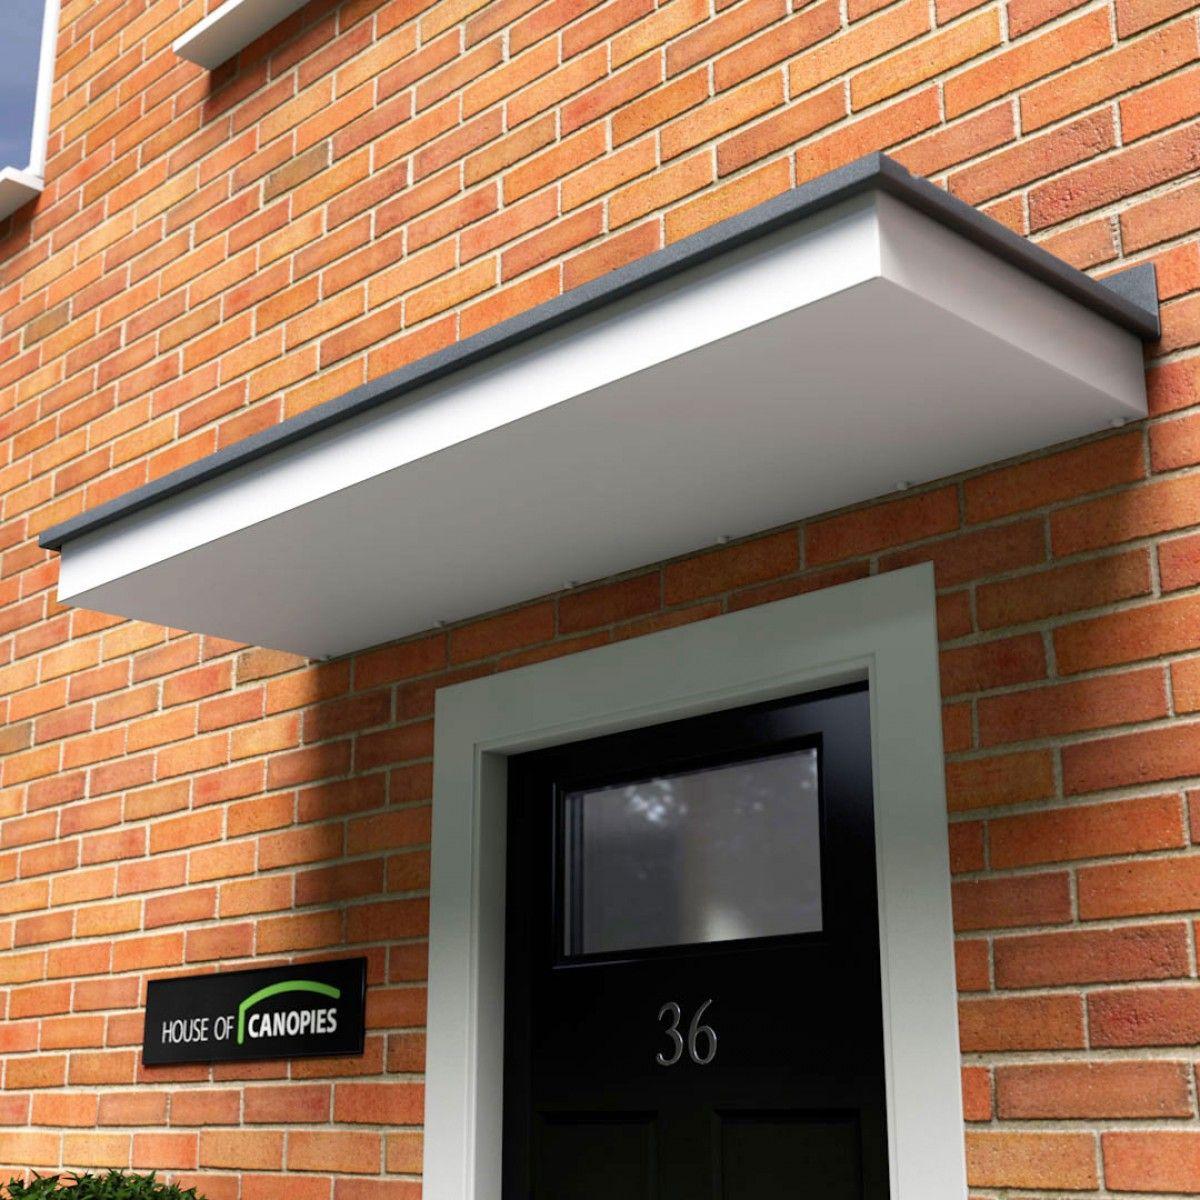 grp canopies scotland door canopies glasgow door canopy. Black Bedroom Furniture Sets. Home Design Ideas